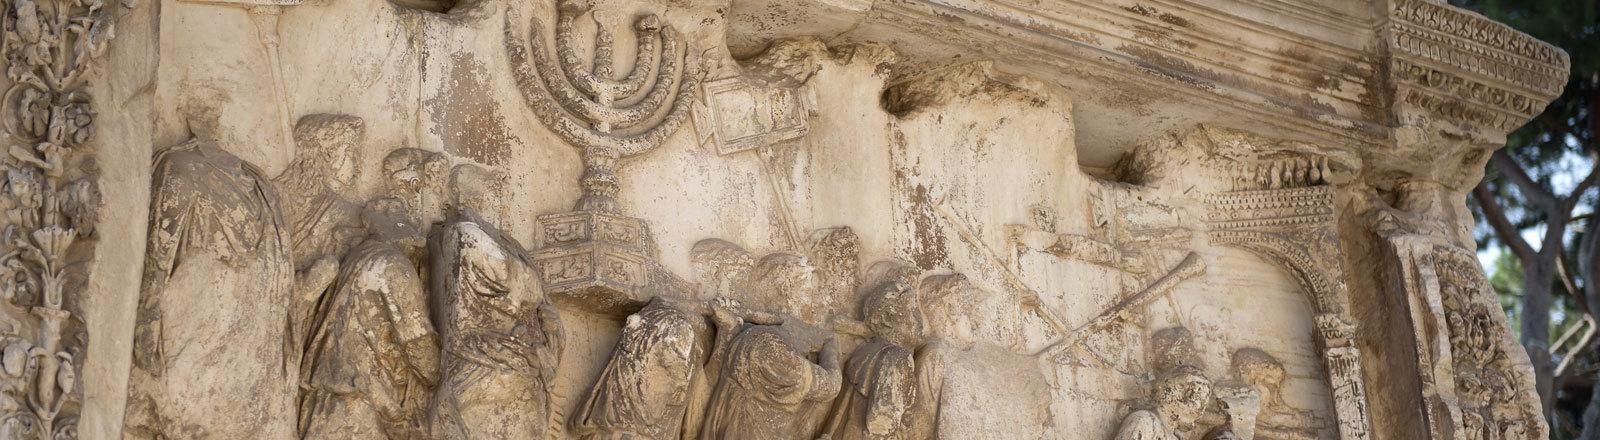 Der Titusbogen in Rom